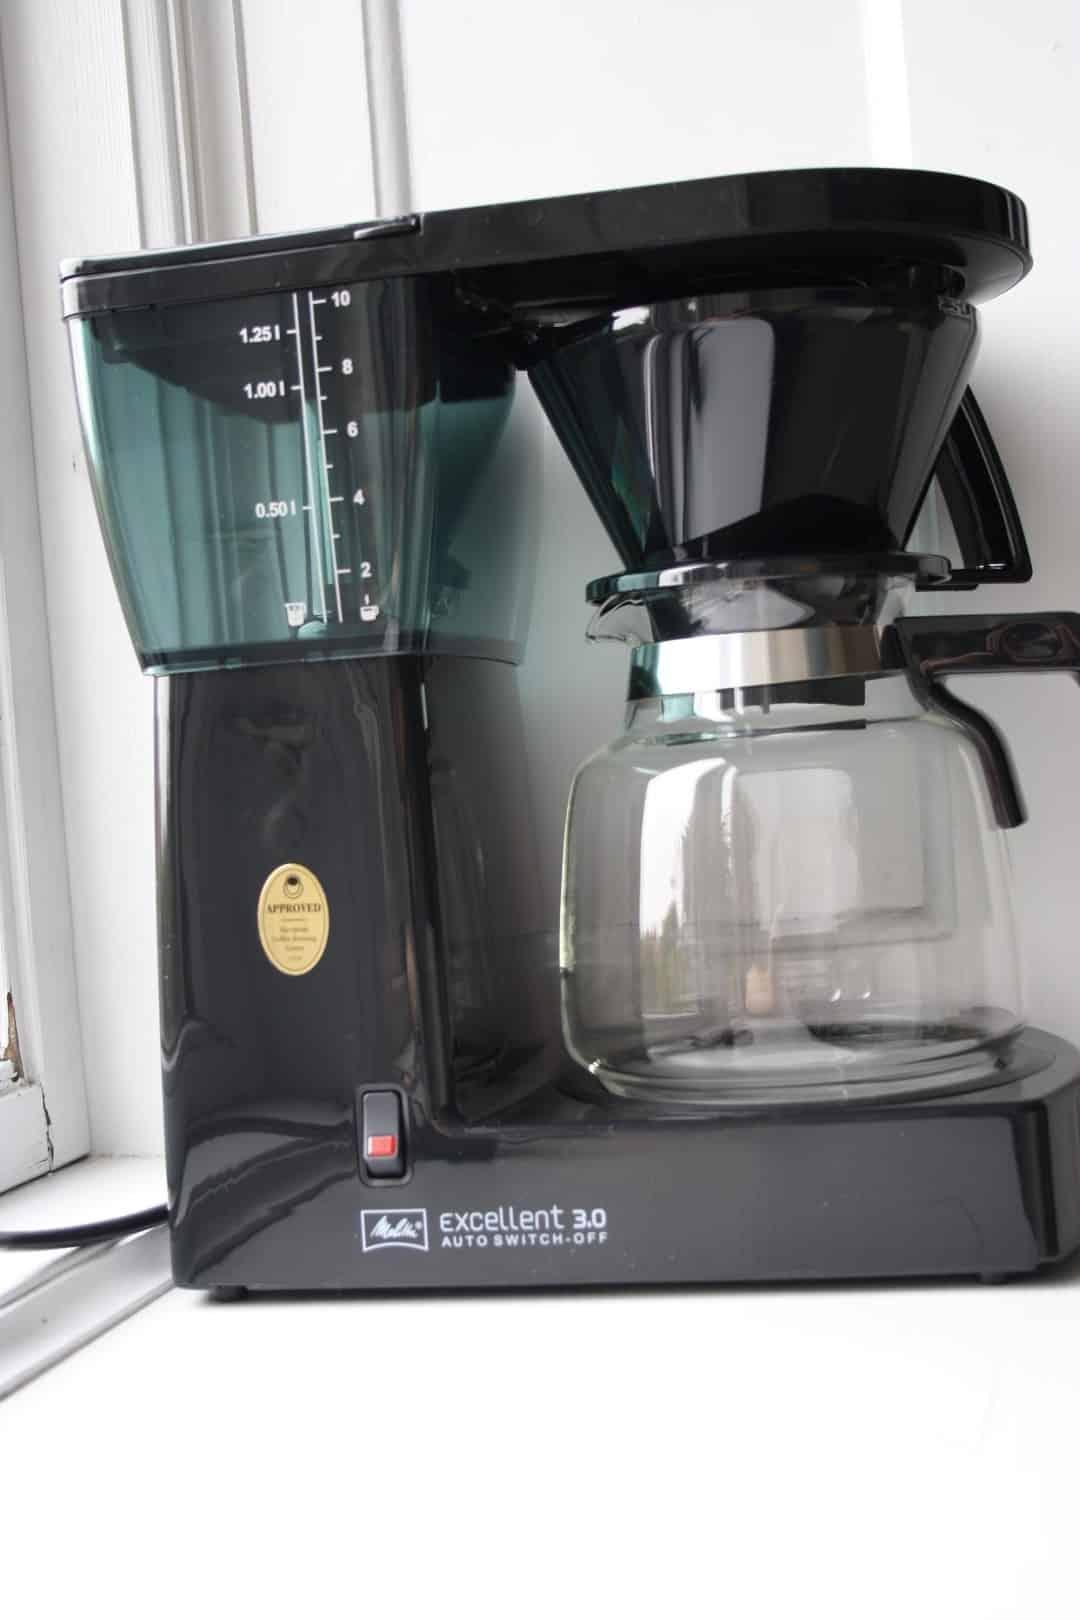 Kaffemaskine test 2018 - Hvilken kaffemaskine er bedst i test?